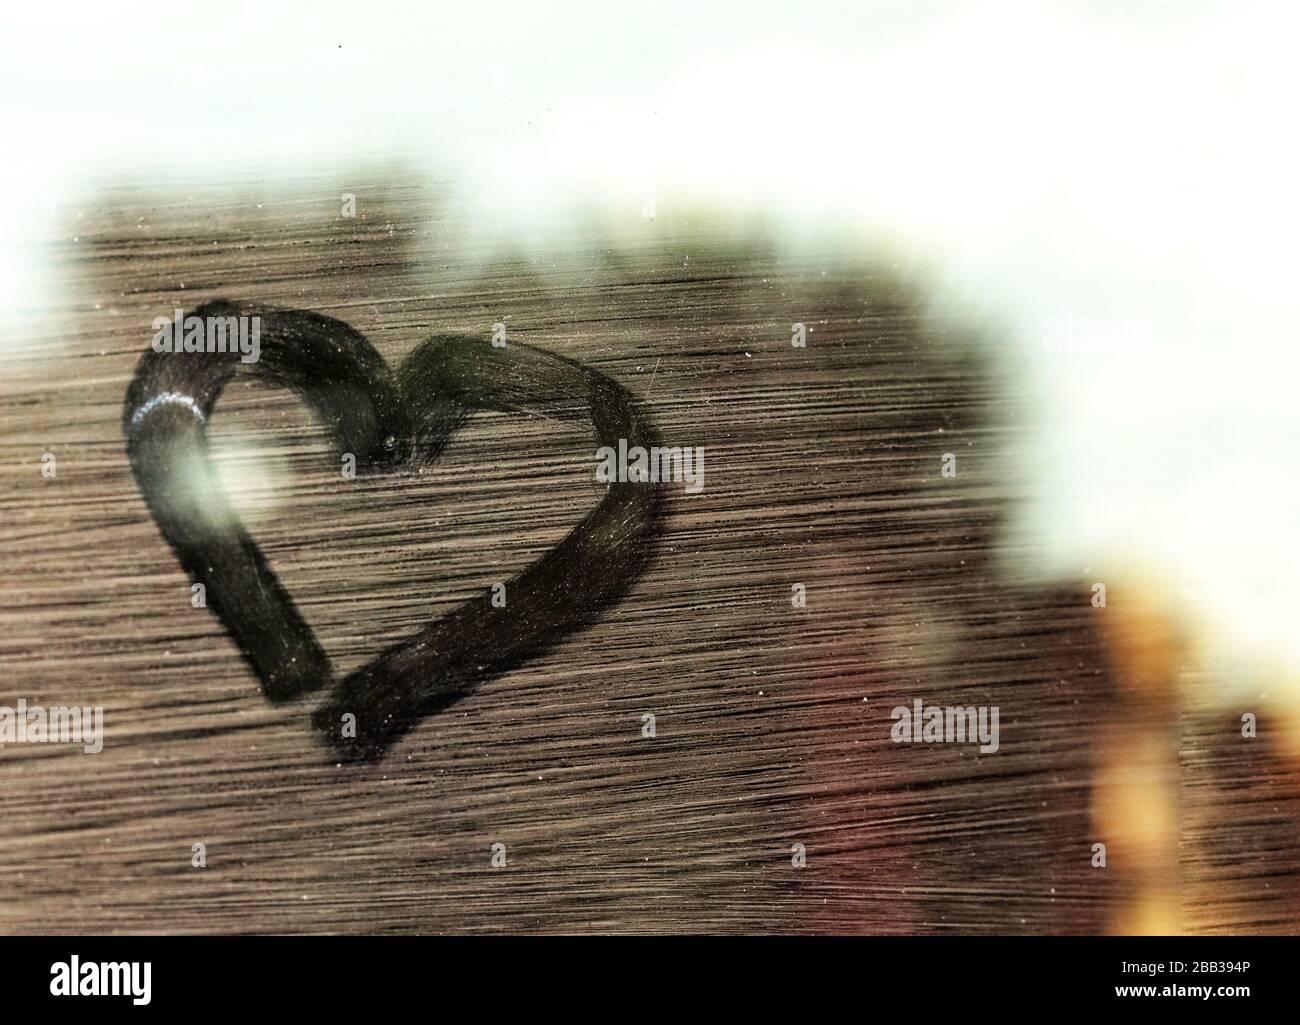 Corazón dibujando en una ventana de cristal mostrando el concepto de la lucha para hacer frente a la depresión durante la cuarentena en el hogar y el distanciamiento social Foto de stock